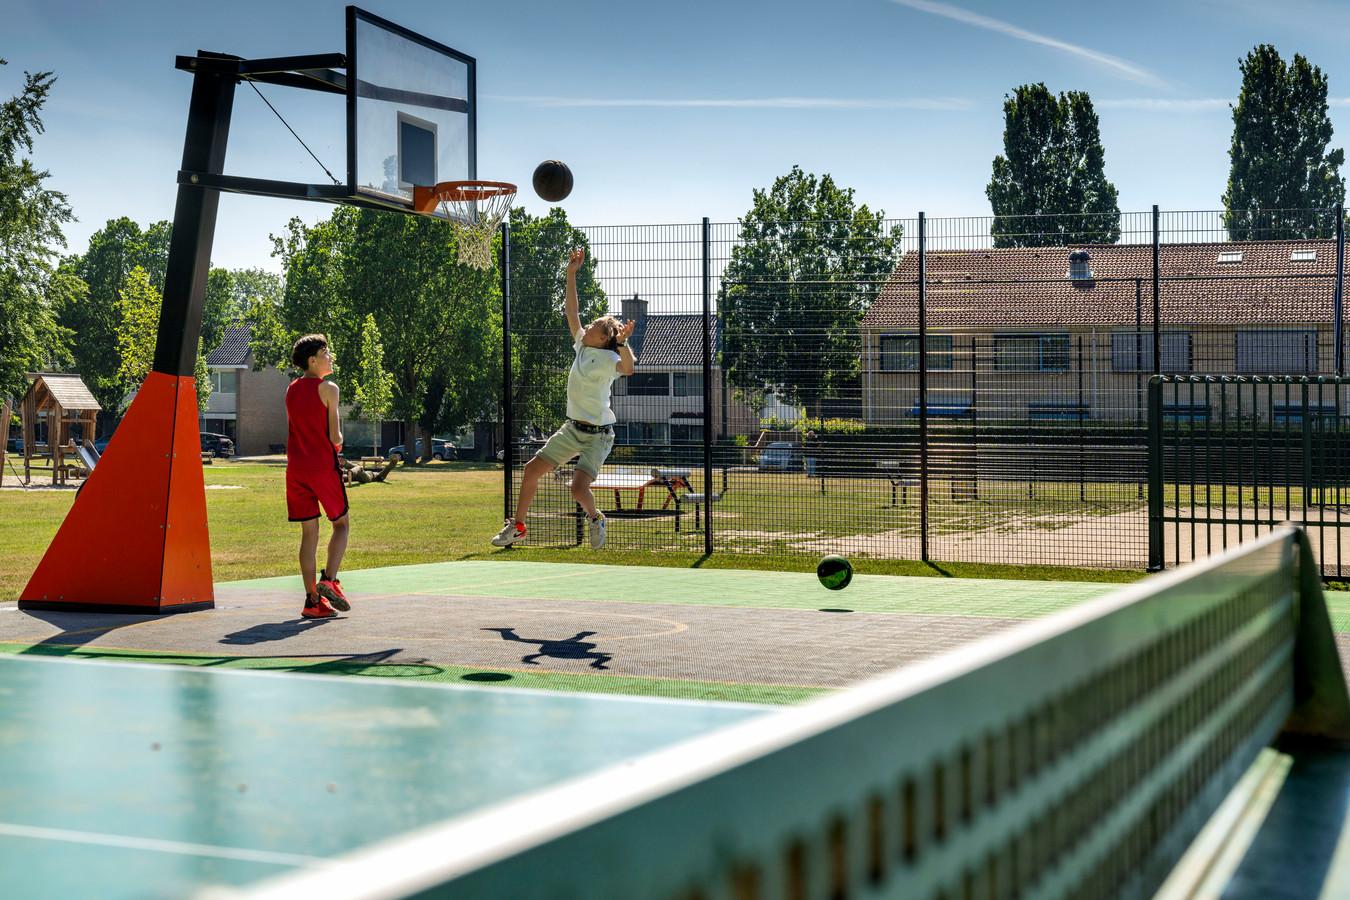 Verschillende omwonenden zijn niet blij met de ligging van het nieuwe speelveld op het Bisschop Zwijsenplein in Vught.